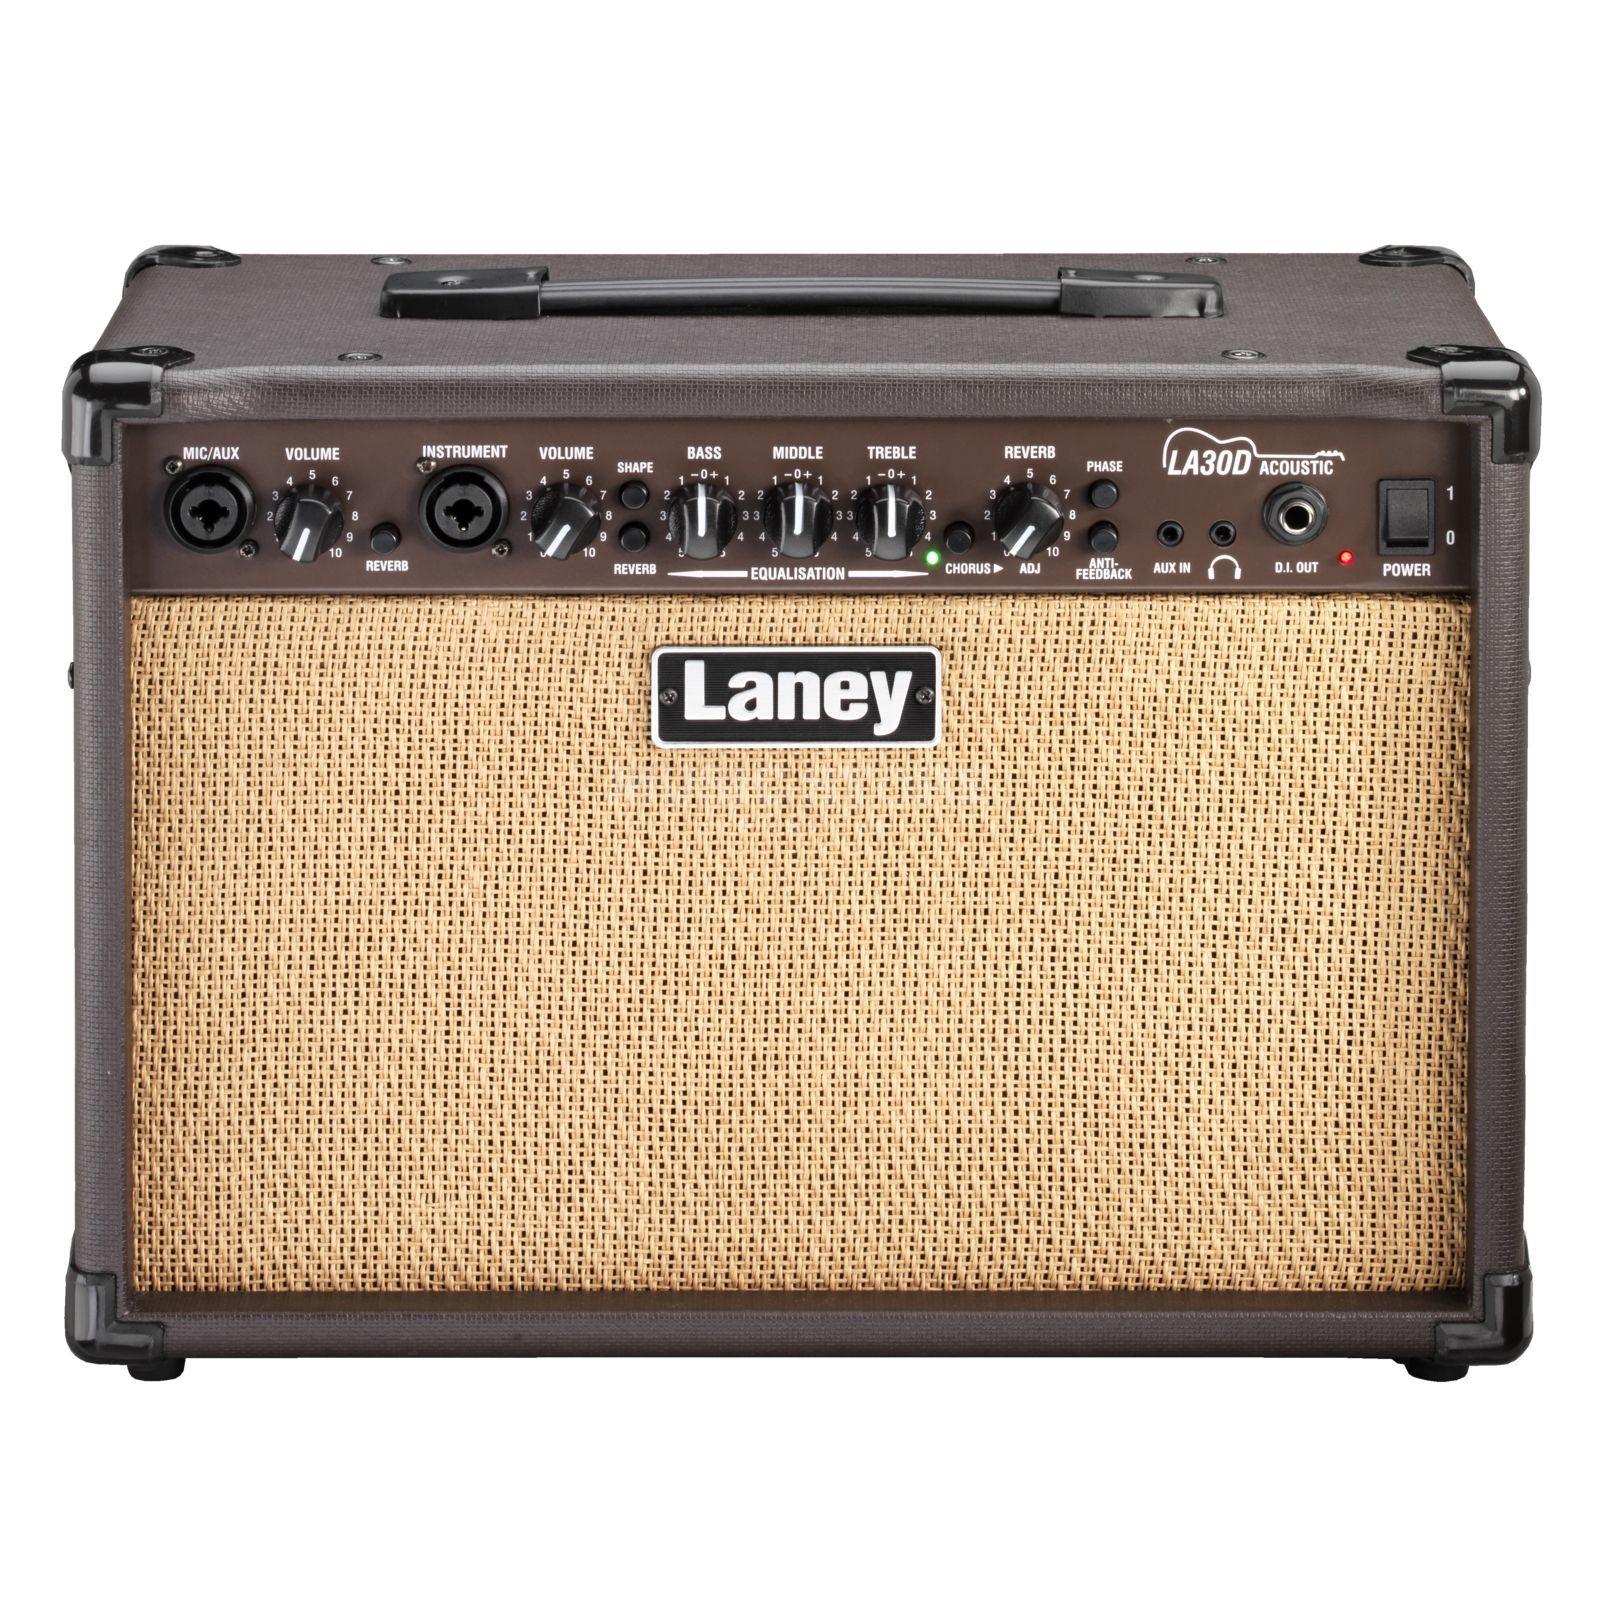 Laney LA30D kūbas akustinei gitarai